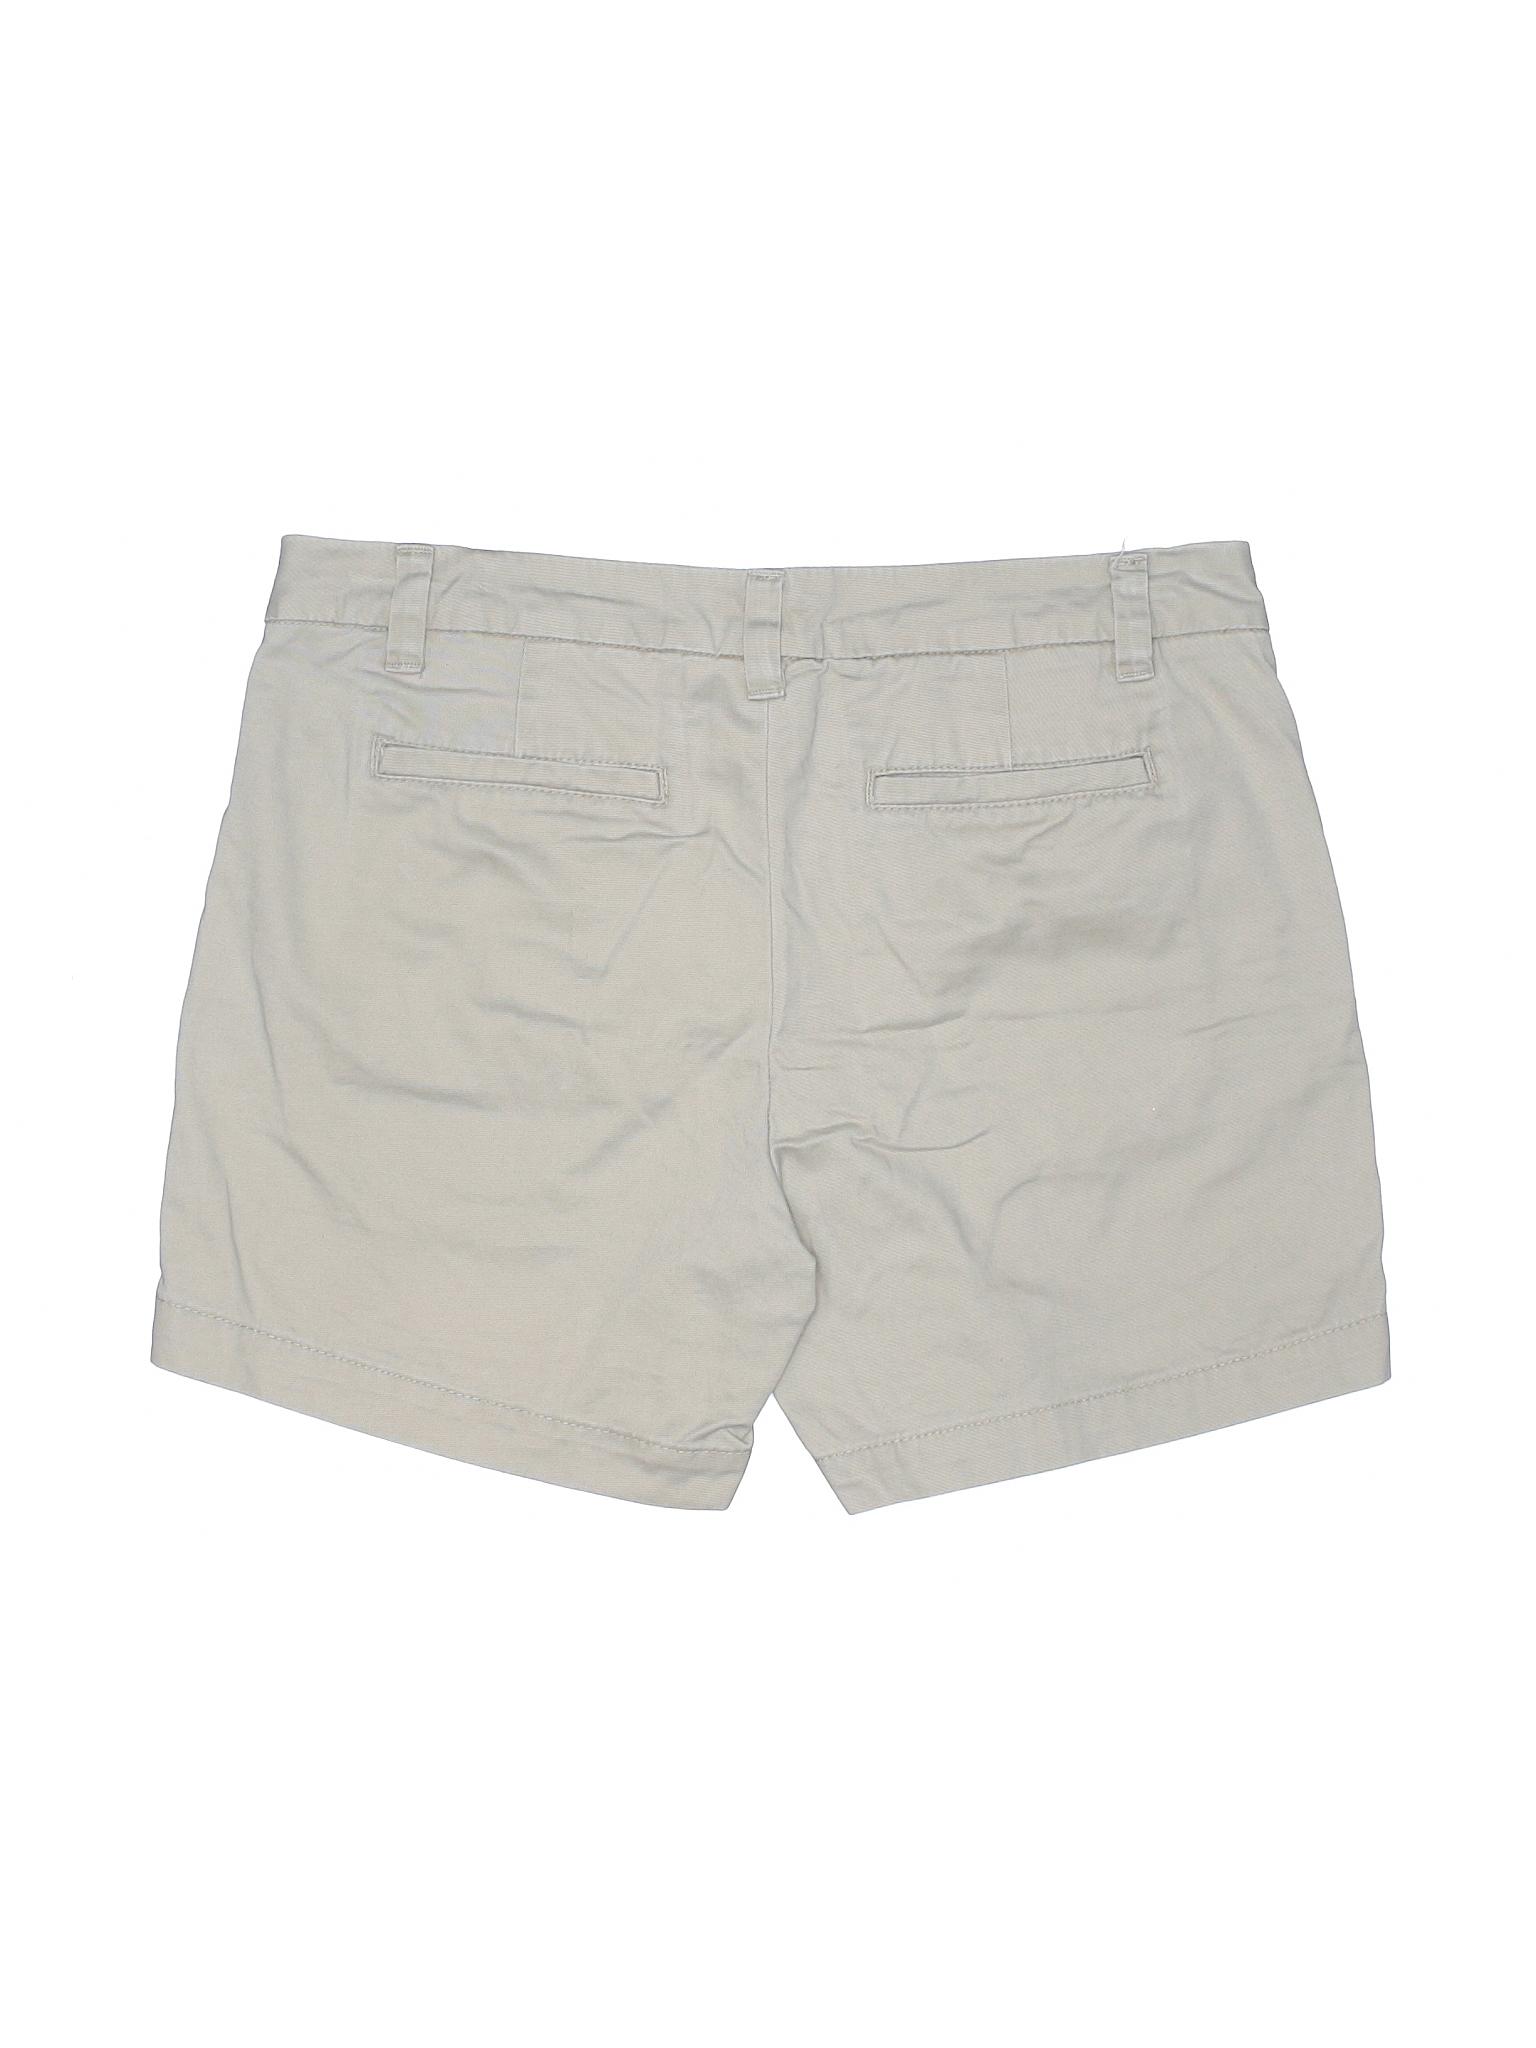 Boutique Boutique Boutique Khaki Merona Shorts Shorts Khaki Merona Merona FE4WqqTznw